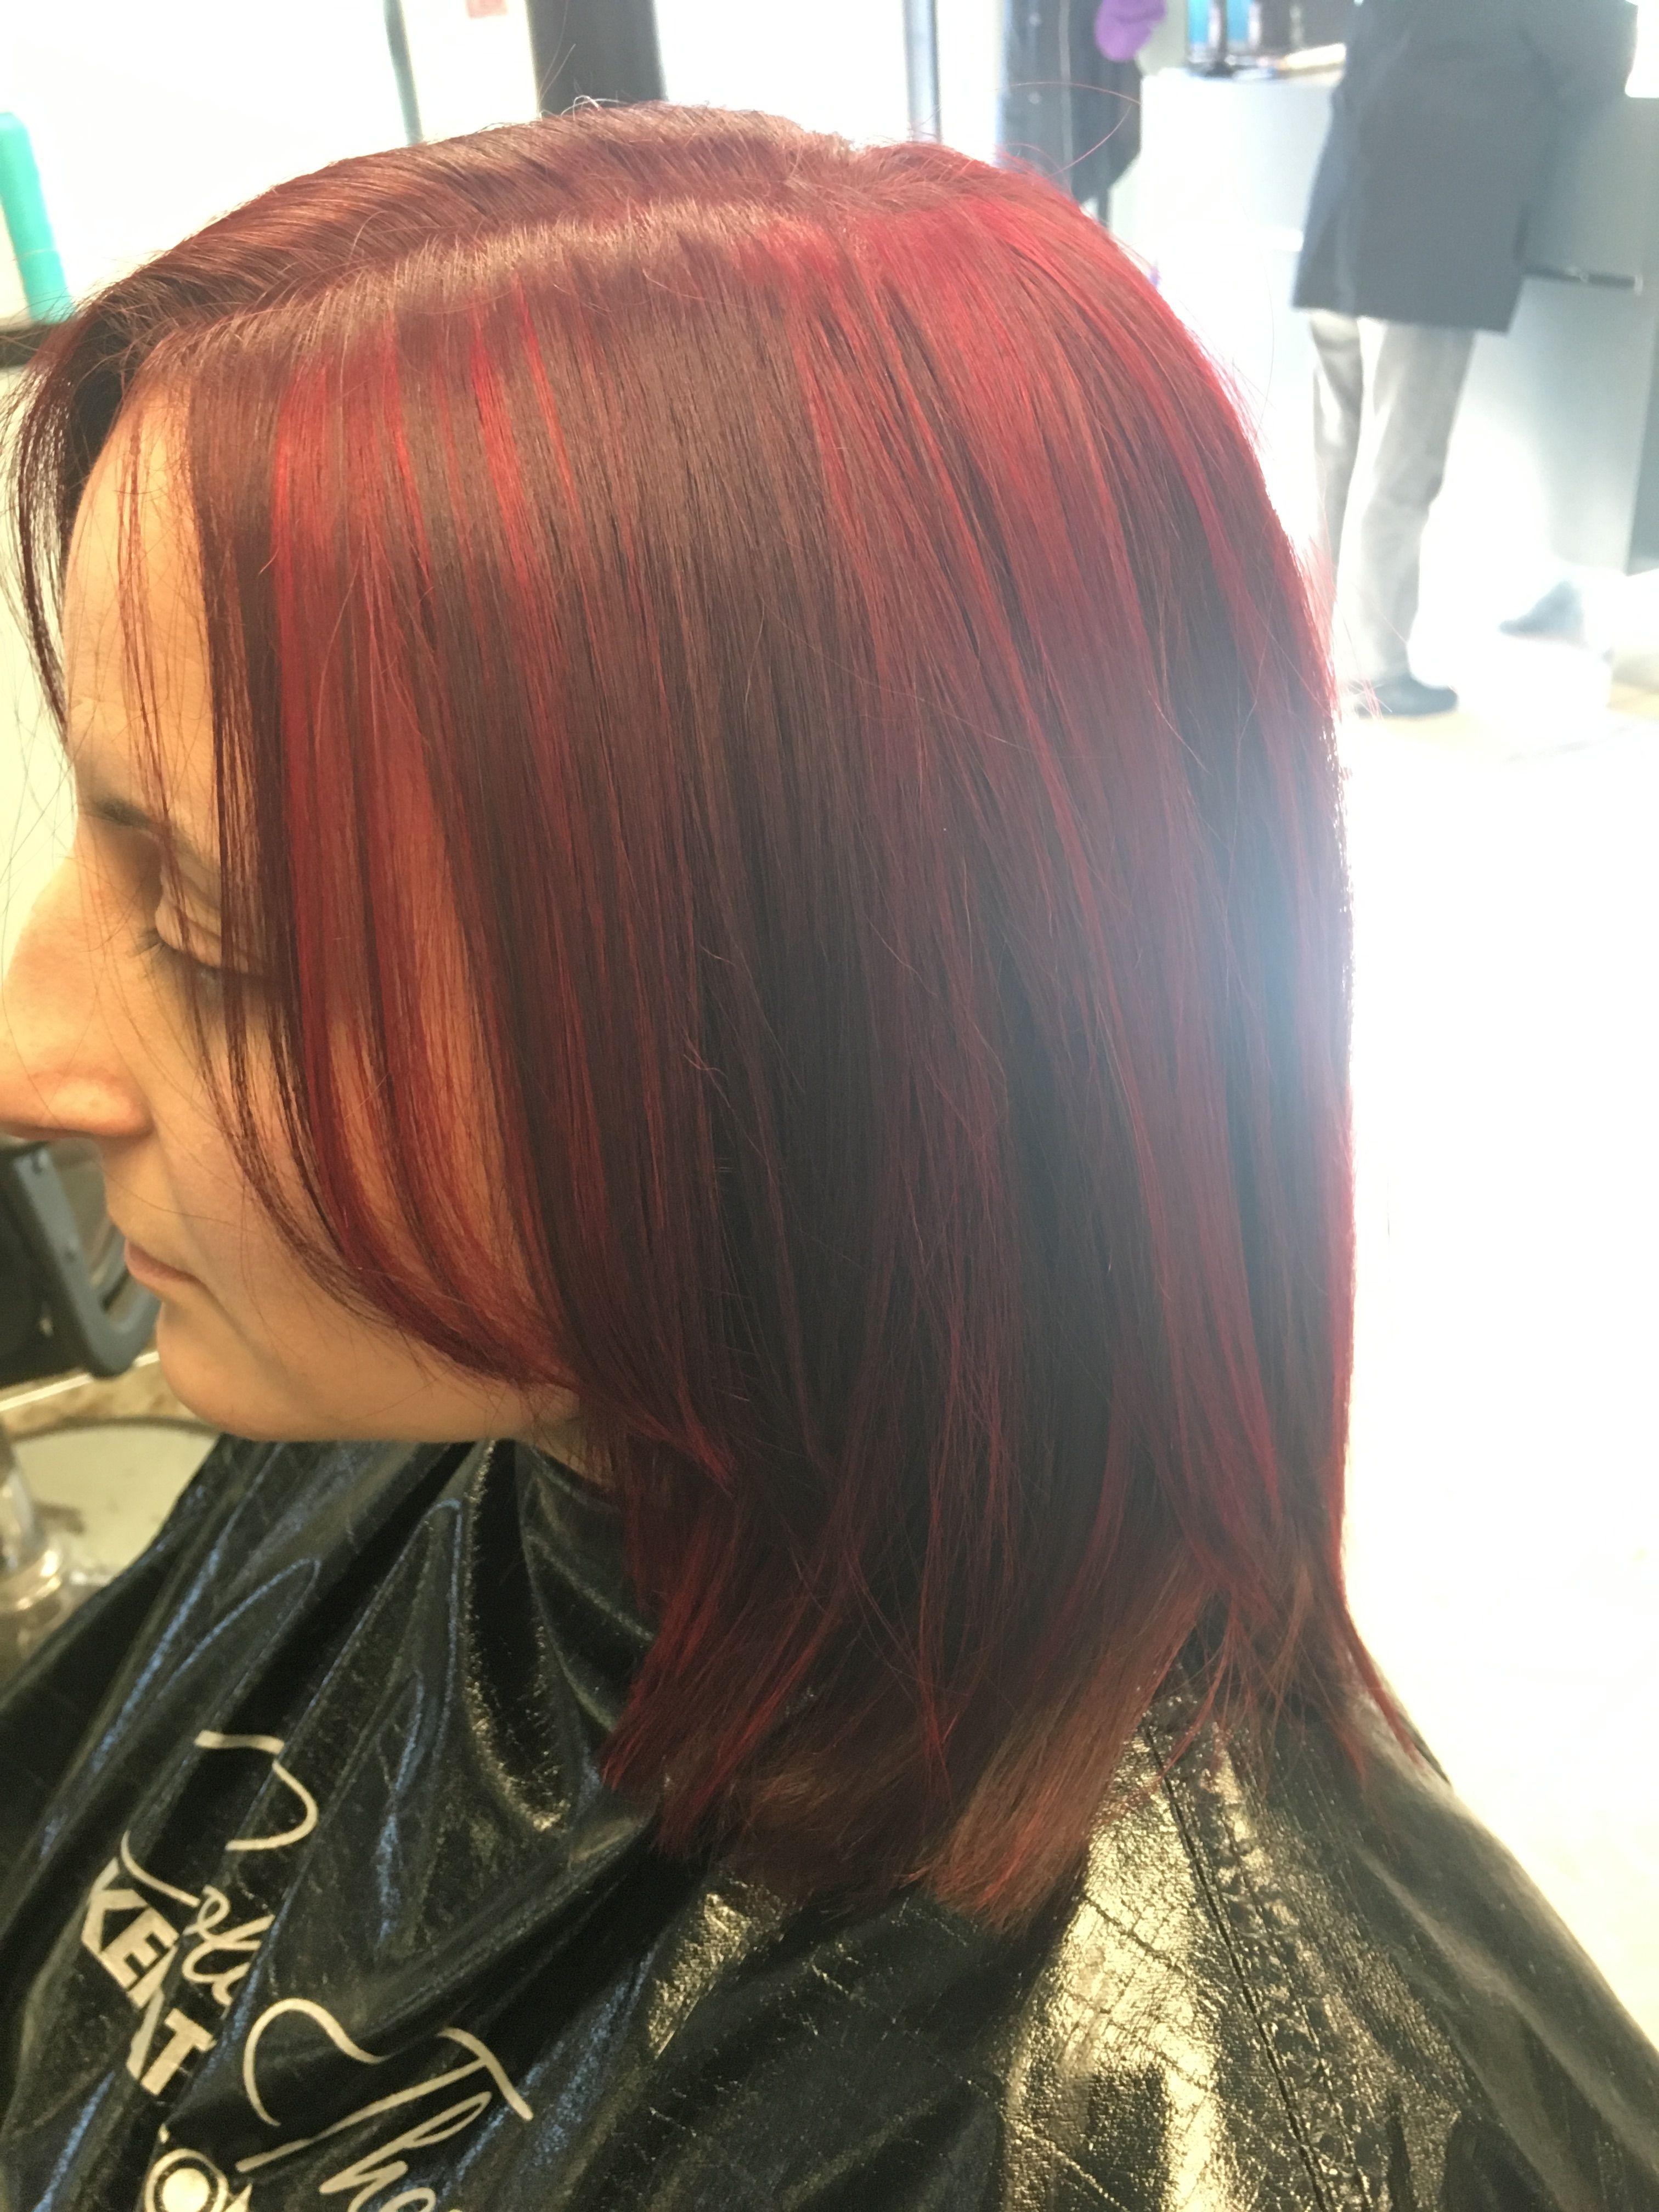 Pin By Joslyn Woodlock On Hair By Me Hair Styles Hair Long Hair Styles